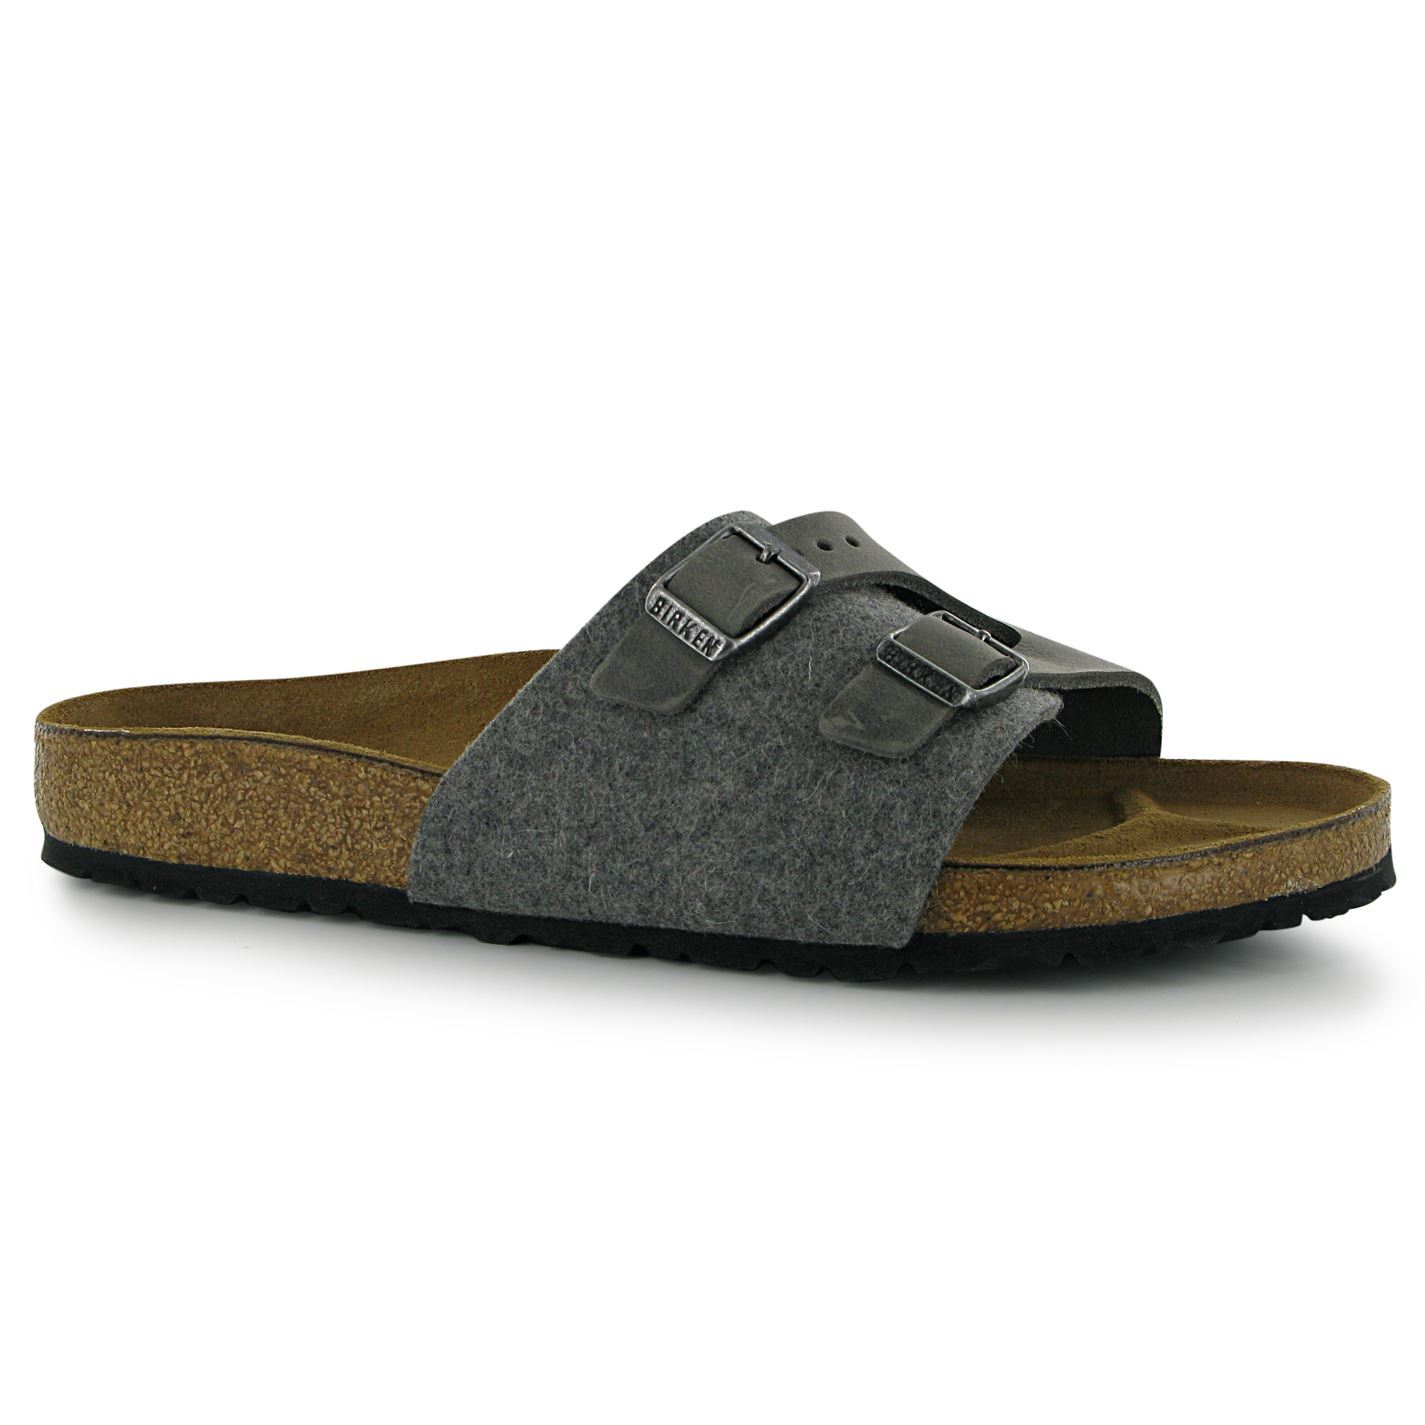 vaduz men Birkenstock vaduz,cheap birkenstock shoes, sandals with discount price and high quality.